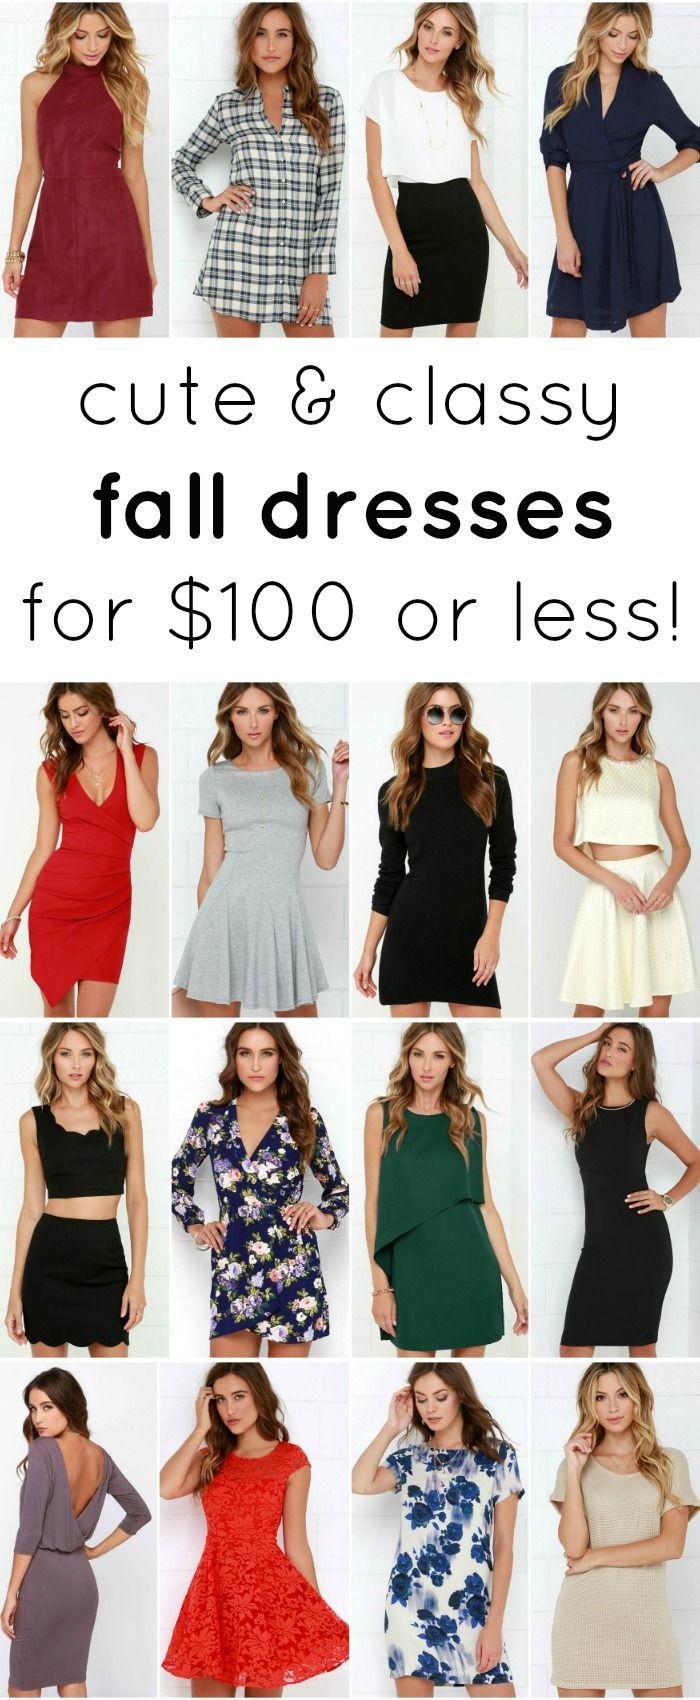 Cute fall dresses under $100! | by @ashleynicholas at ashleybrookenicholas.com